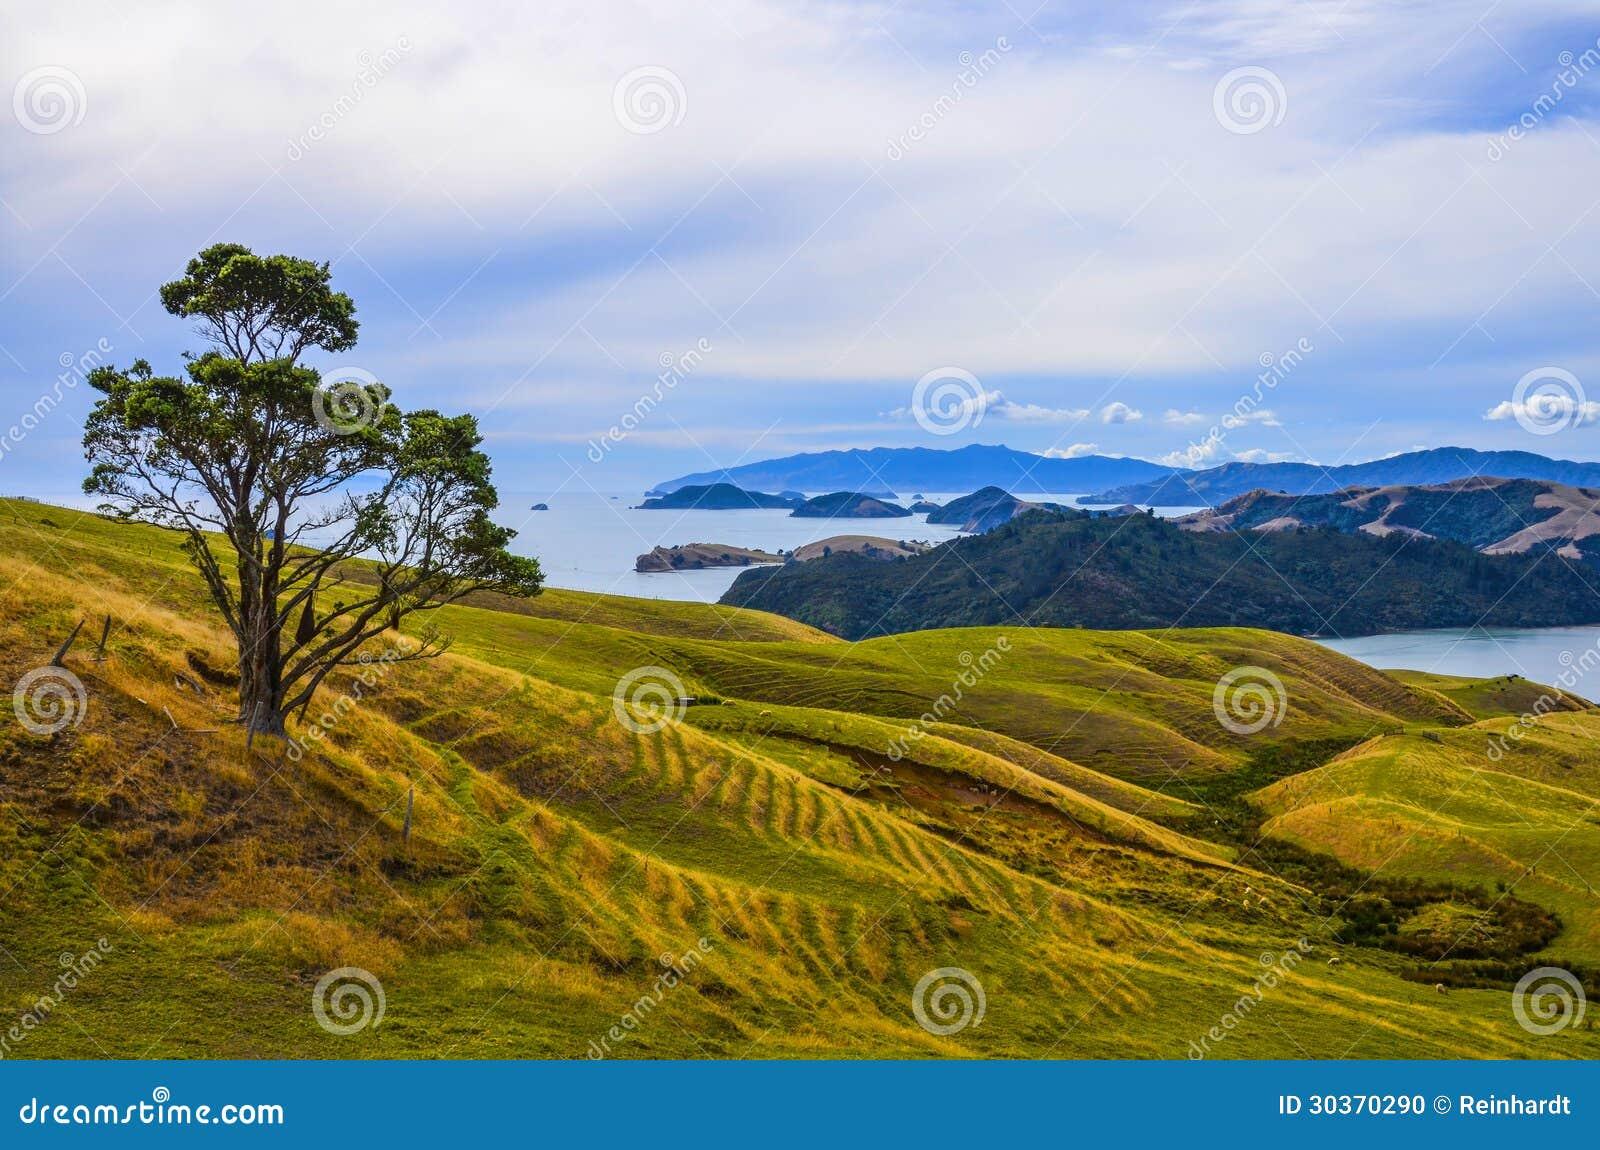 Rural landscape, New Zealand